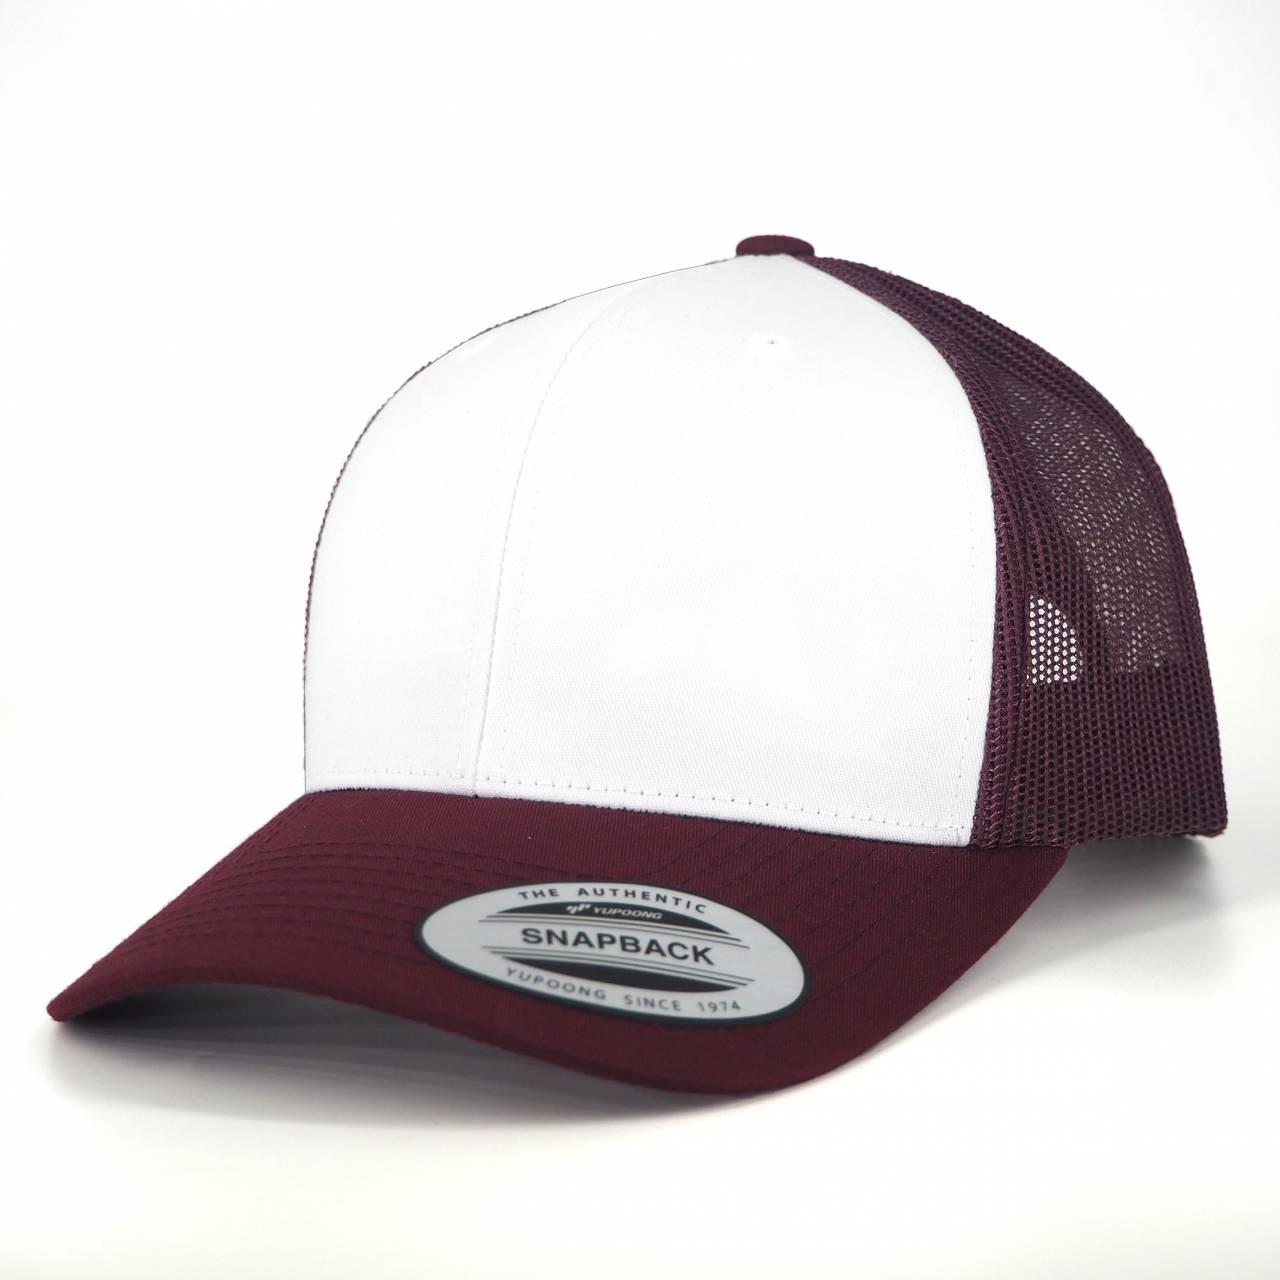 6606CF-01131-0 050 RETRO TRUCKER COLORED FRONT MAROON/WHITE CAP